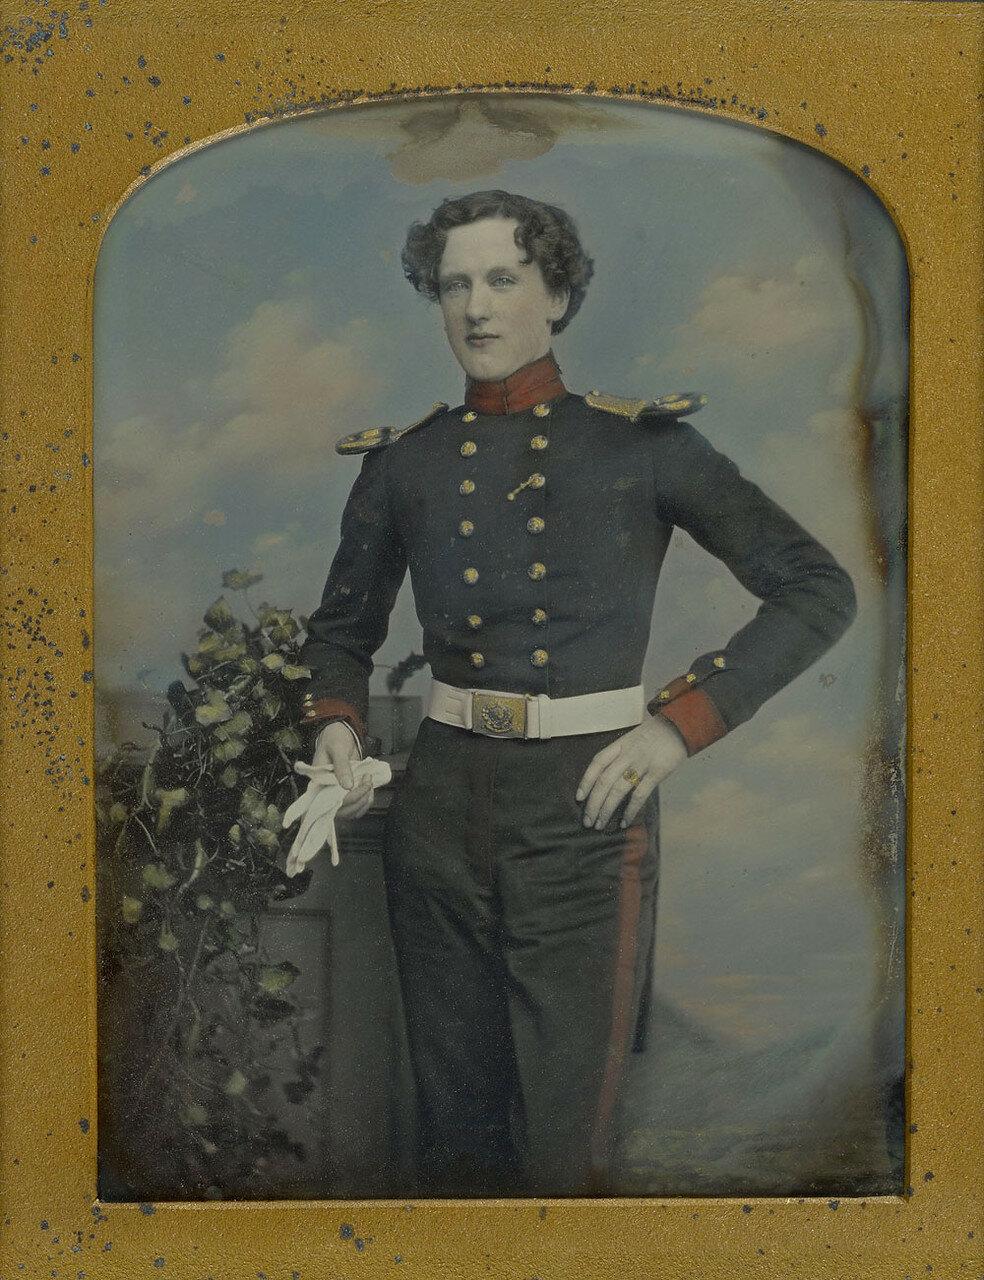 1852. Портрет лейтенанта Роберта Хорсели Кокерелла